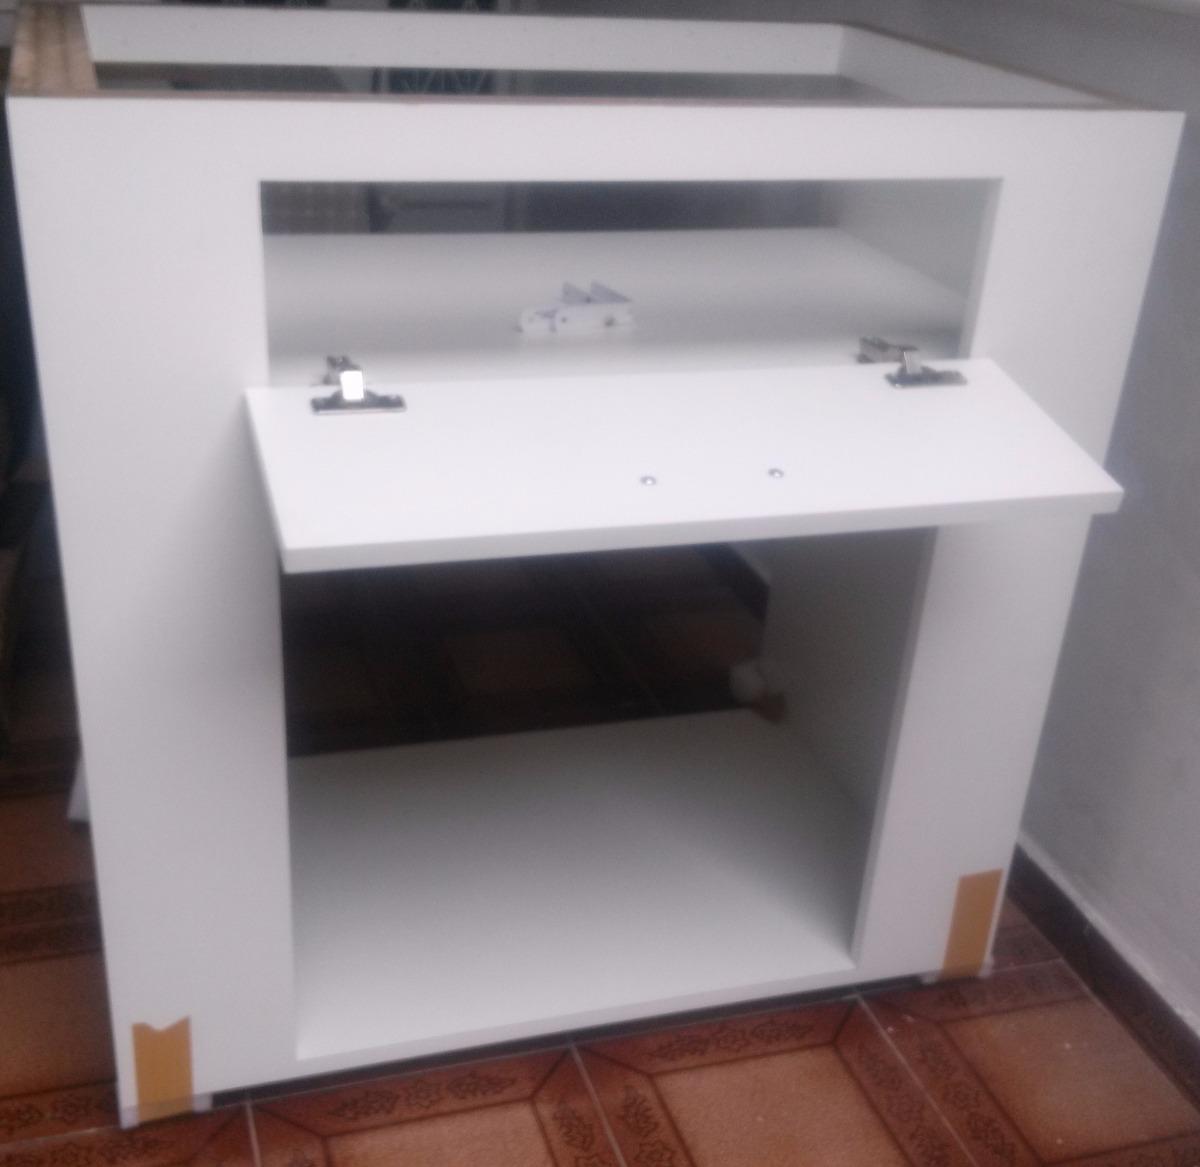 #683B30 armário de cozinha mdf para imbutir forno elétrico e cooktop 1200x1167 px Armario De Cozinha Compacta Mercado Livre #1973 imagens